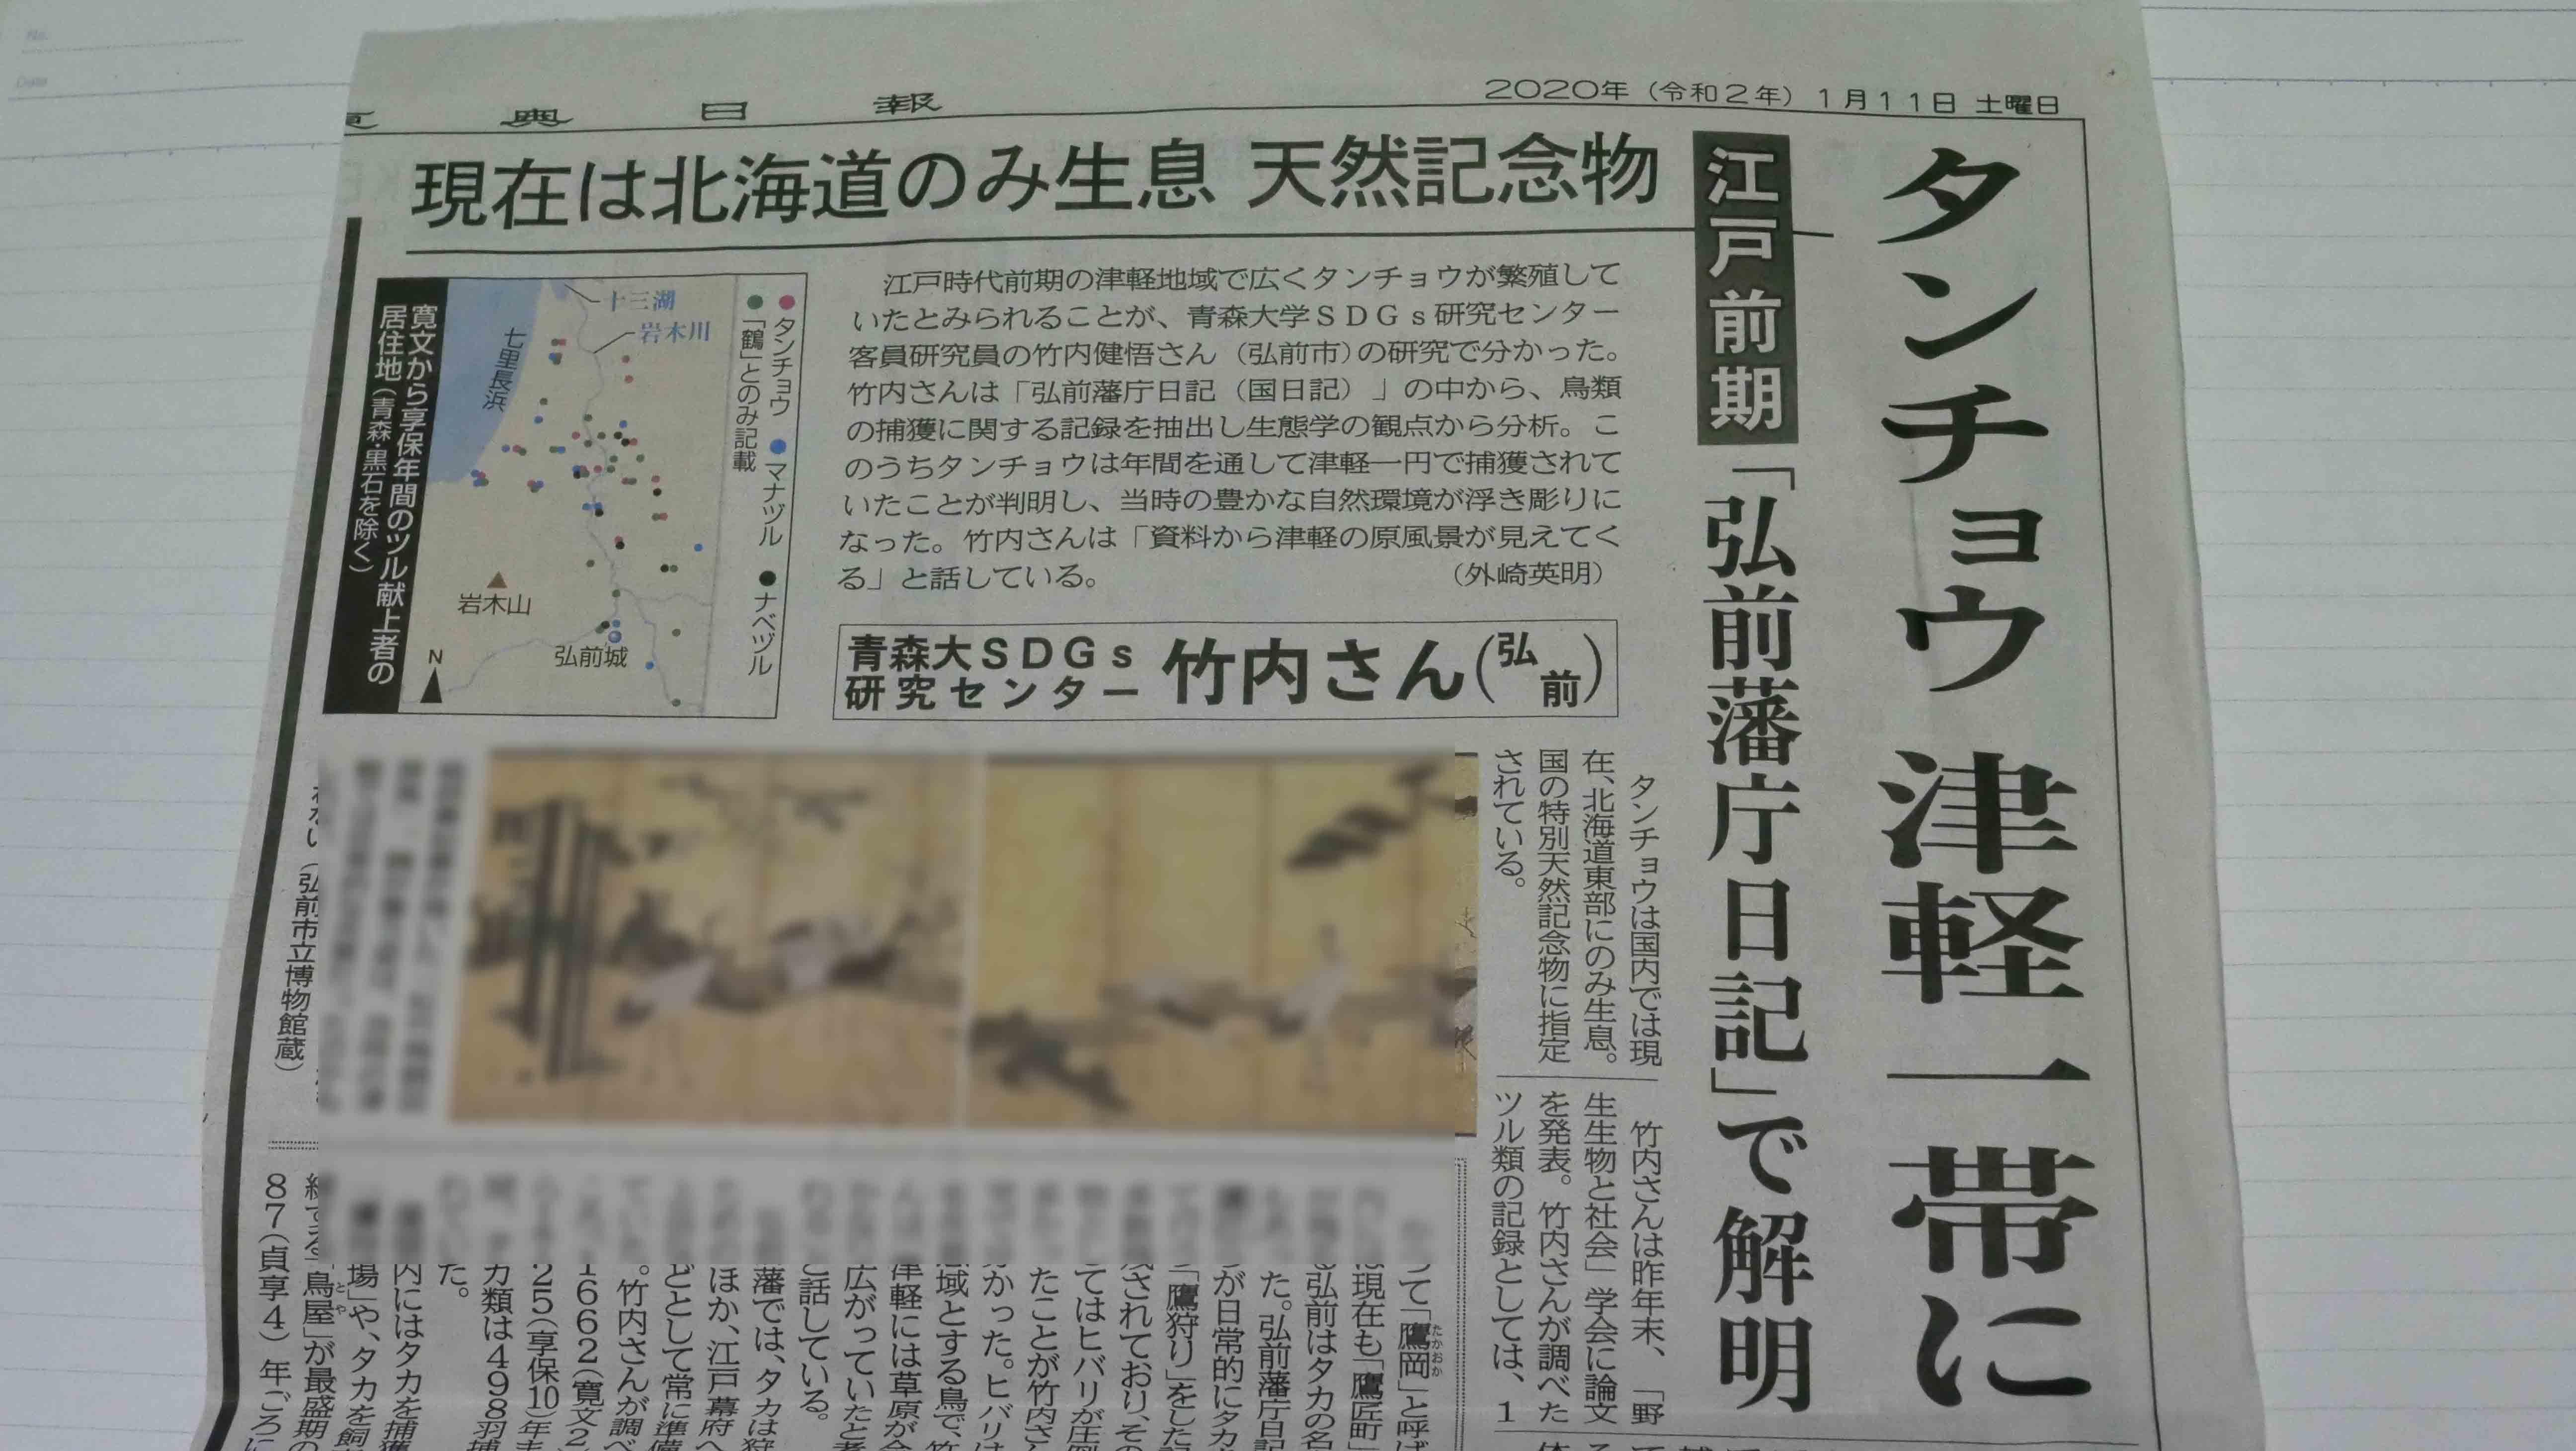 タンチョウが津軽一帯にいたという記事から,こう思う_e0039759_21320937.jpg